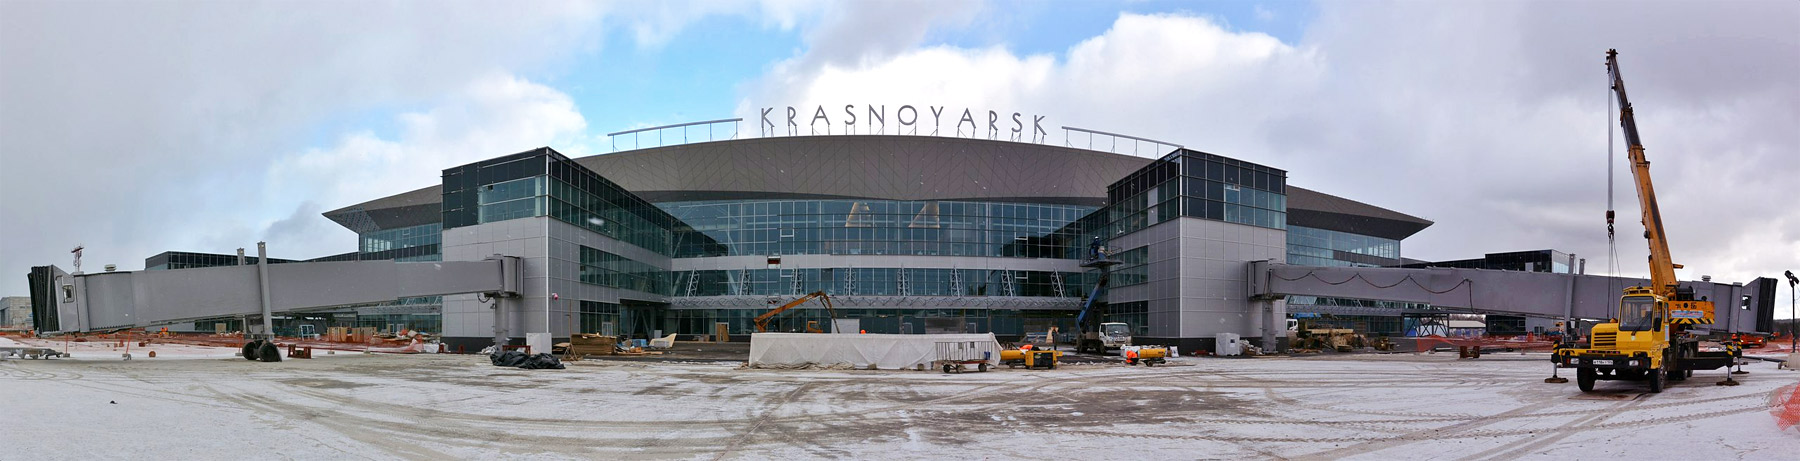 аэропорт емельяново фото